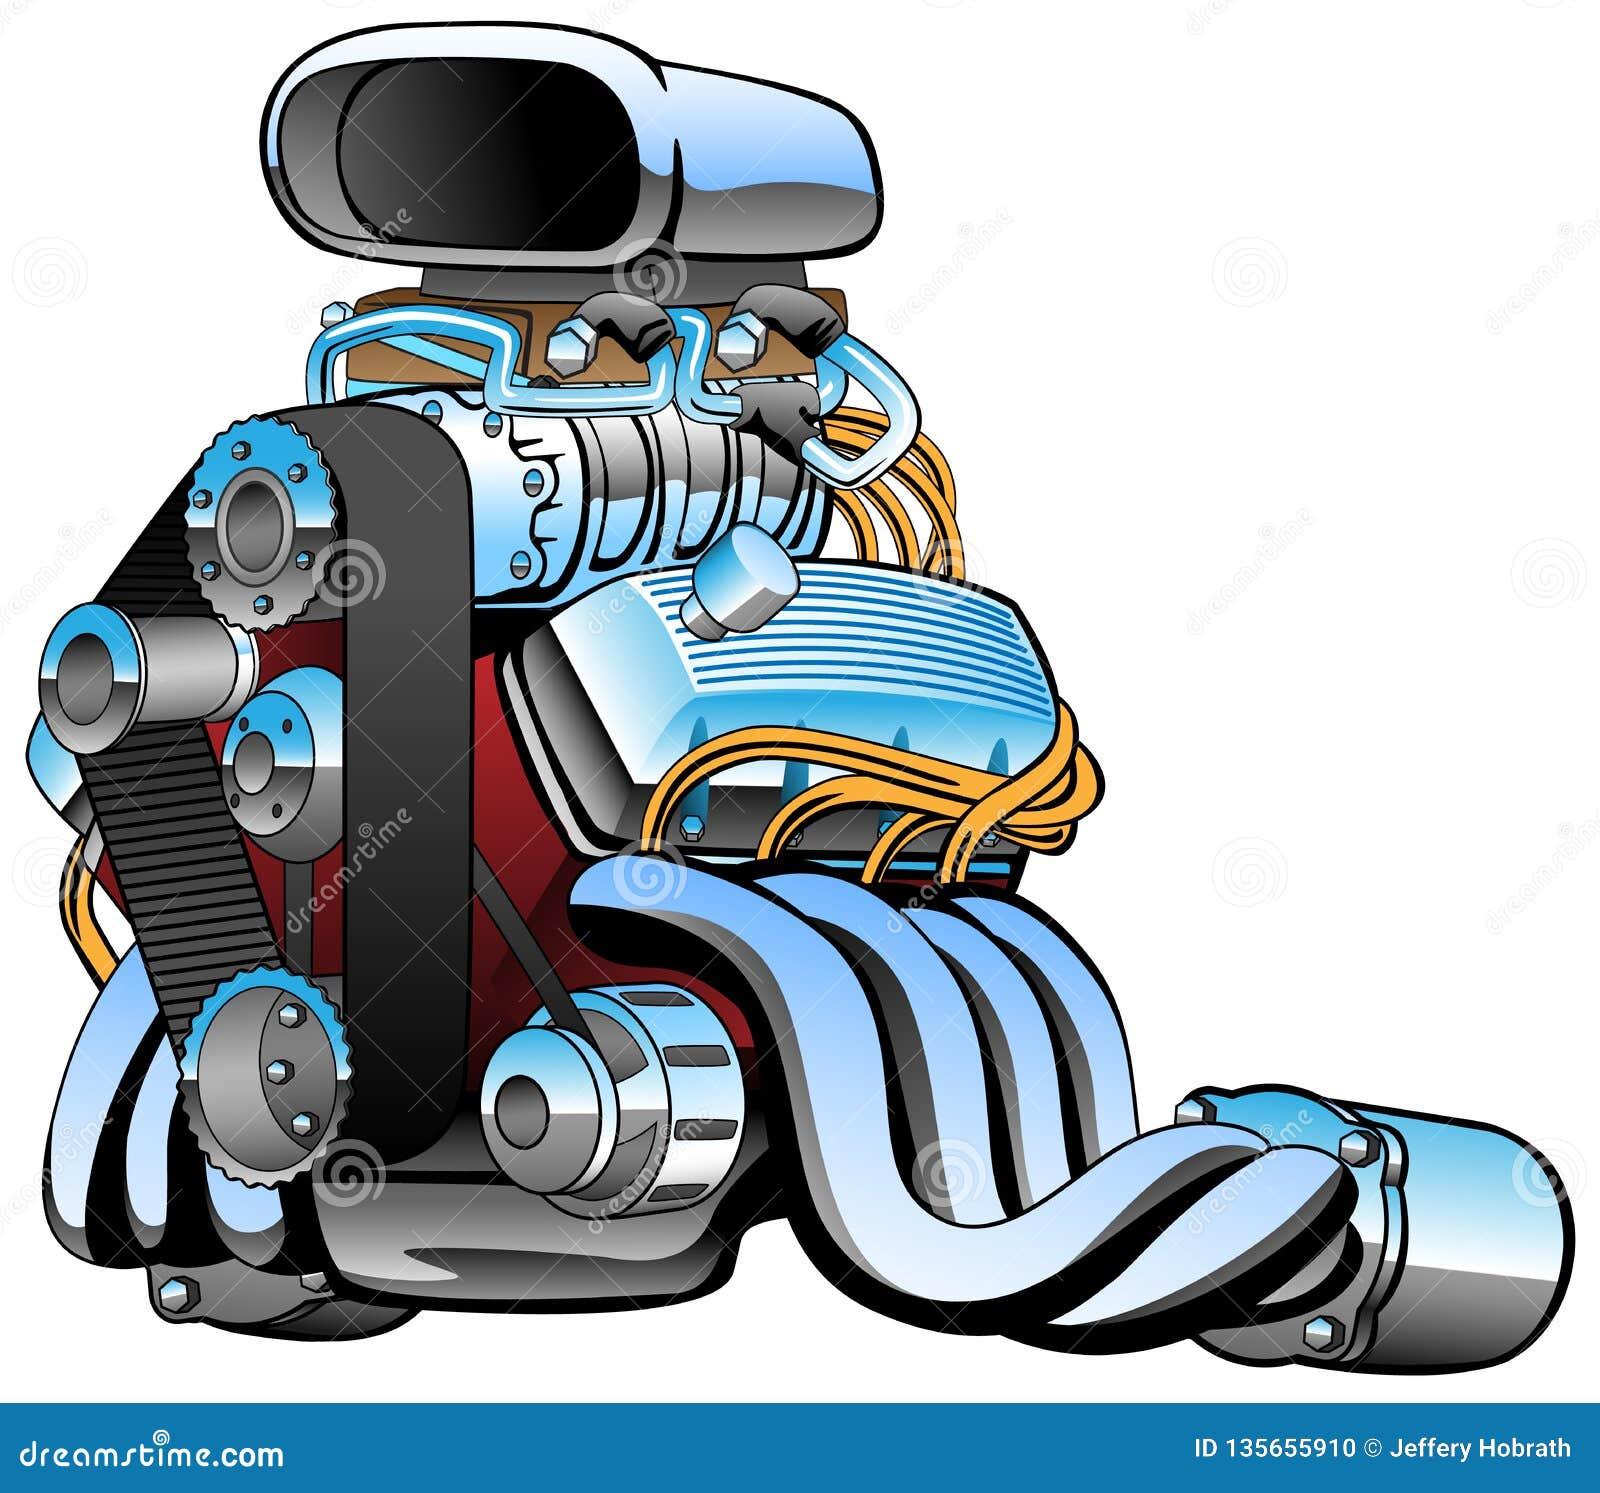 Rennwagenmaschinenkarikatur des beheizten Stabes, viele Chrom, enorme Aufnahme, fette Auspuffrohre, Vektorillustration